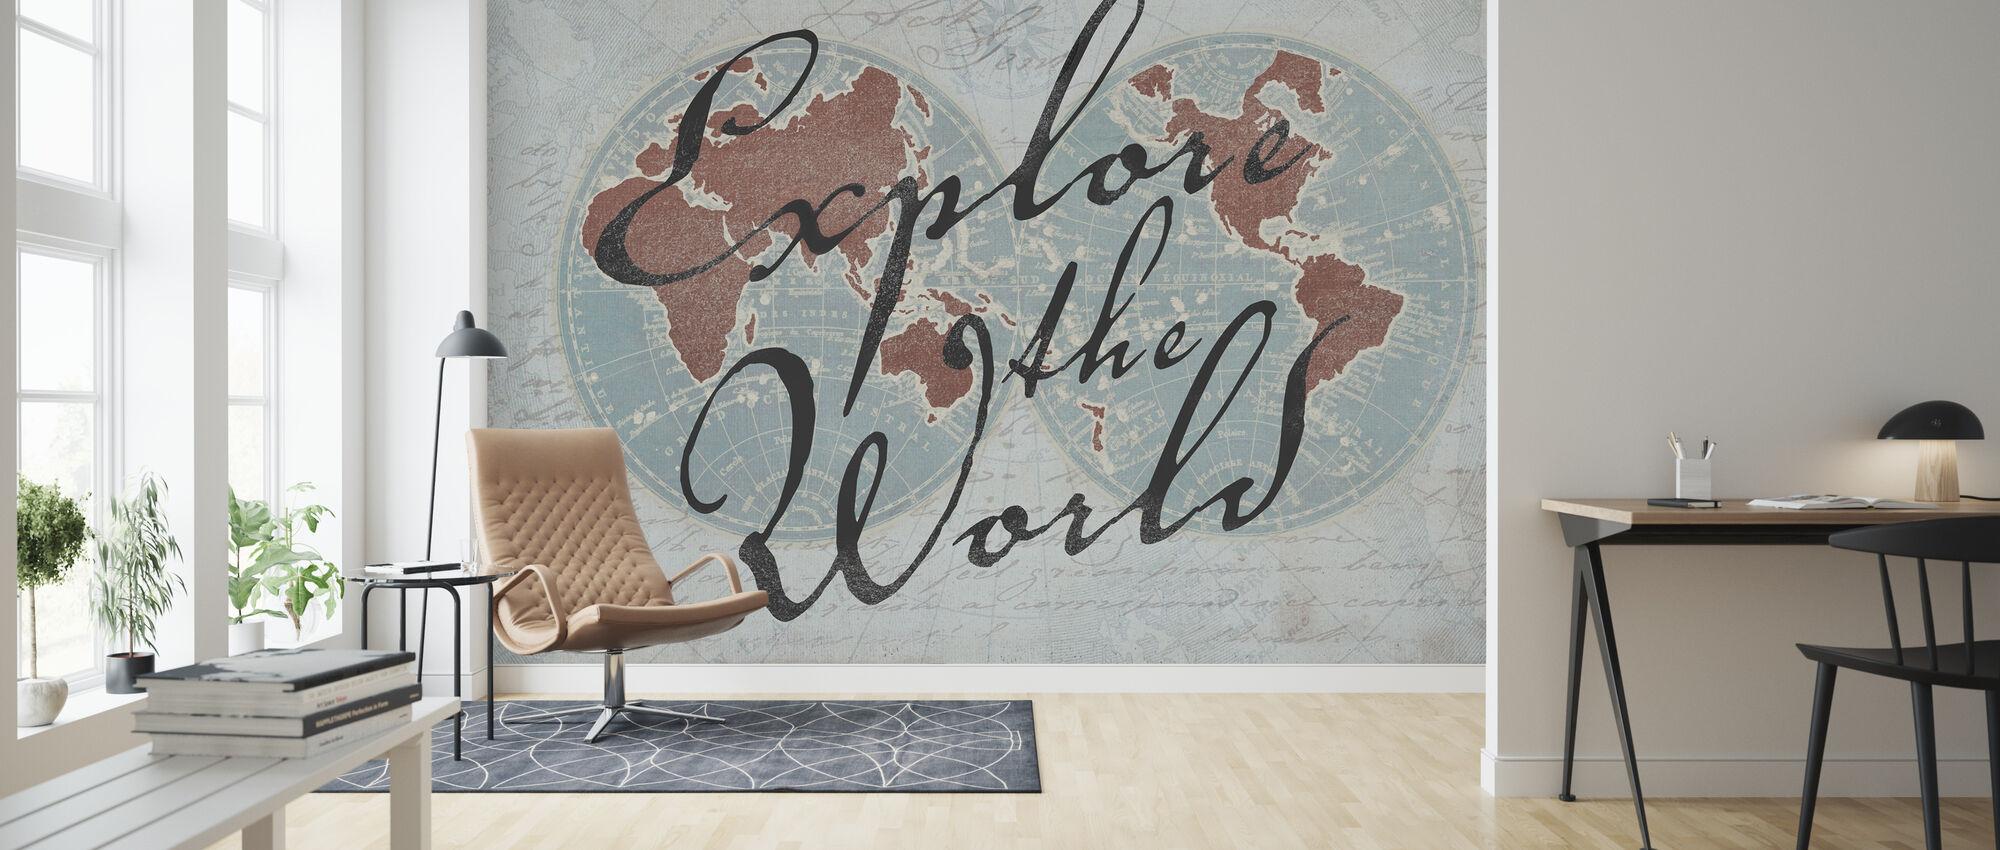 Utforska världen 3 - Tapet - Vardagsrum